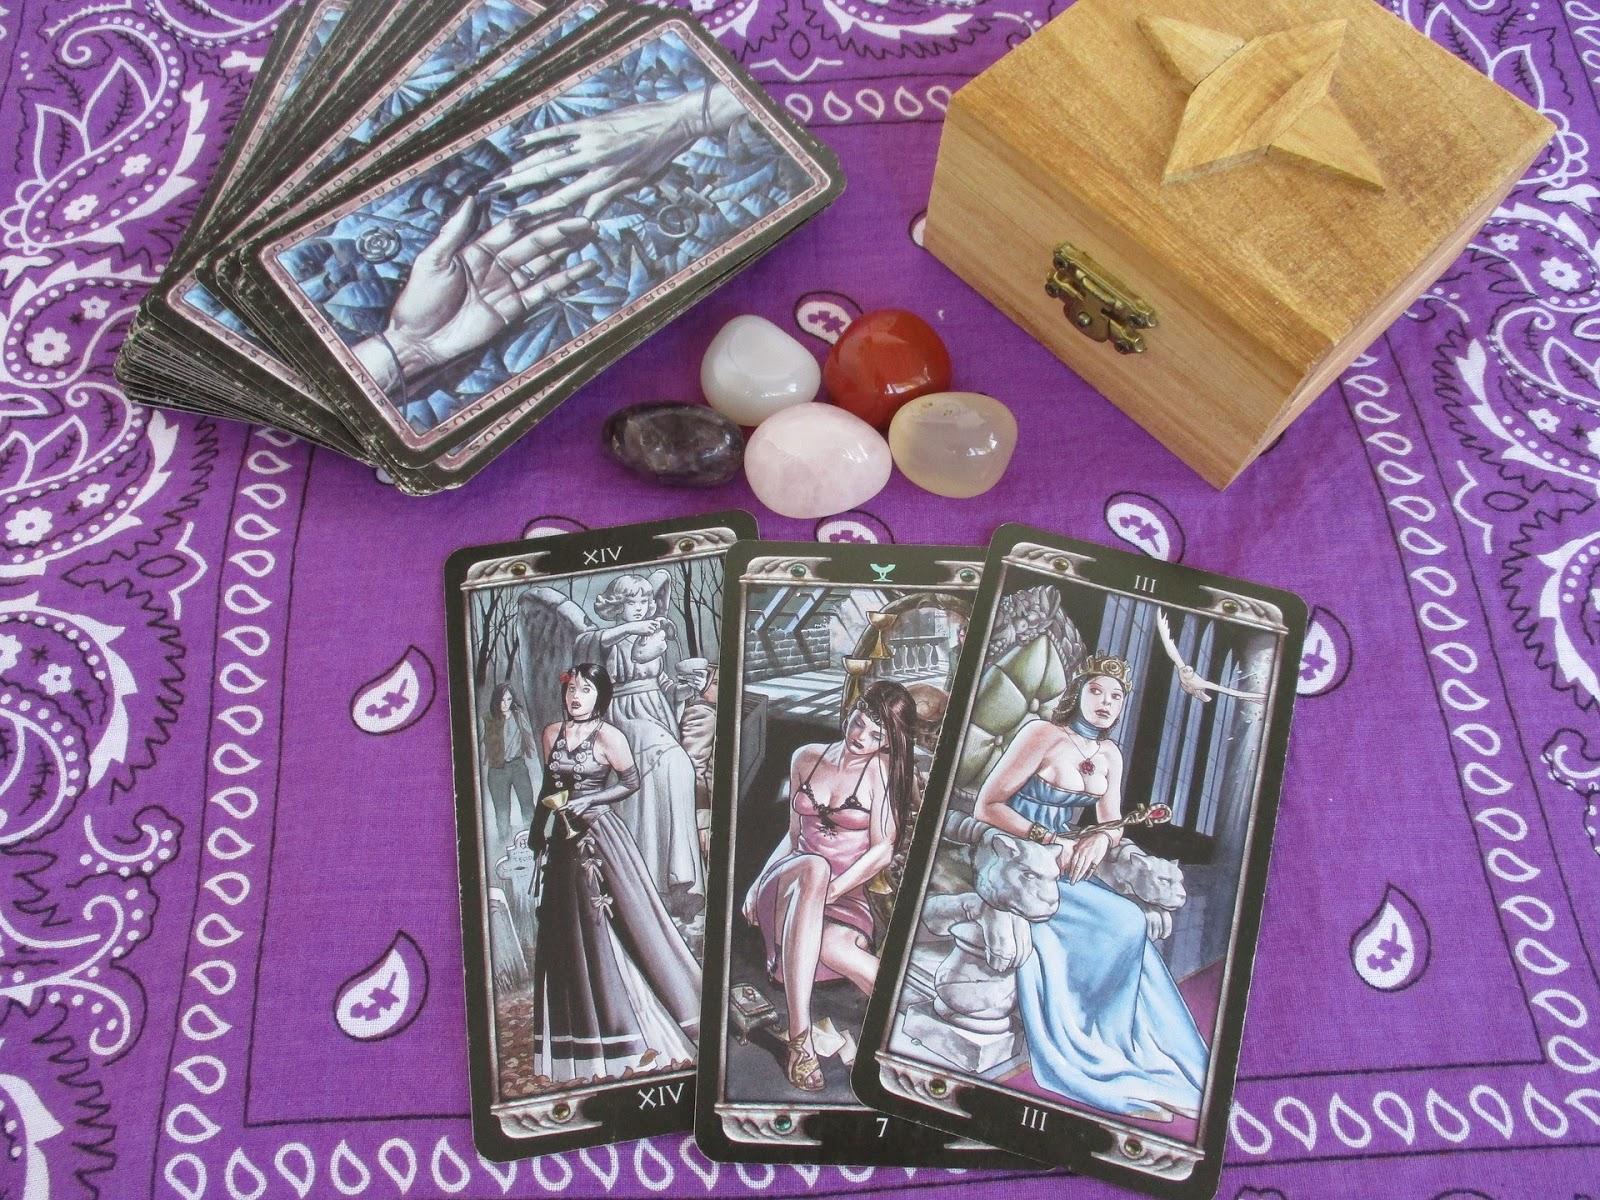 3-Card Tarot Spreads - Rainy Day Tarot